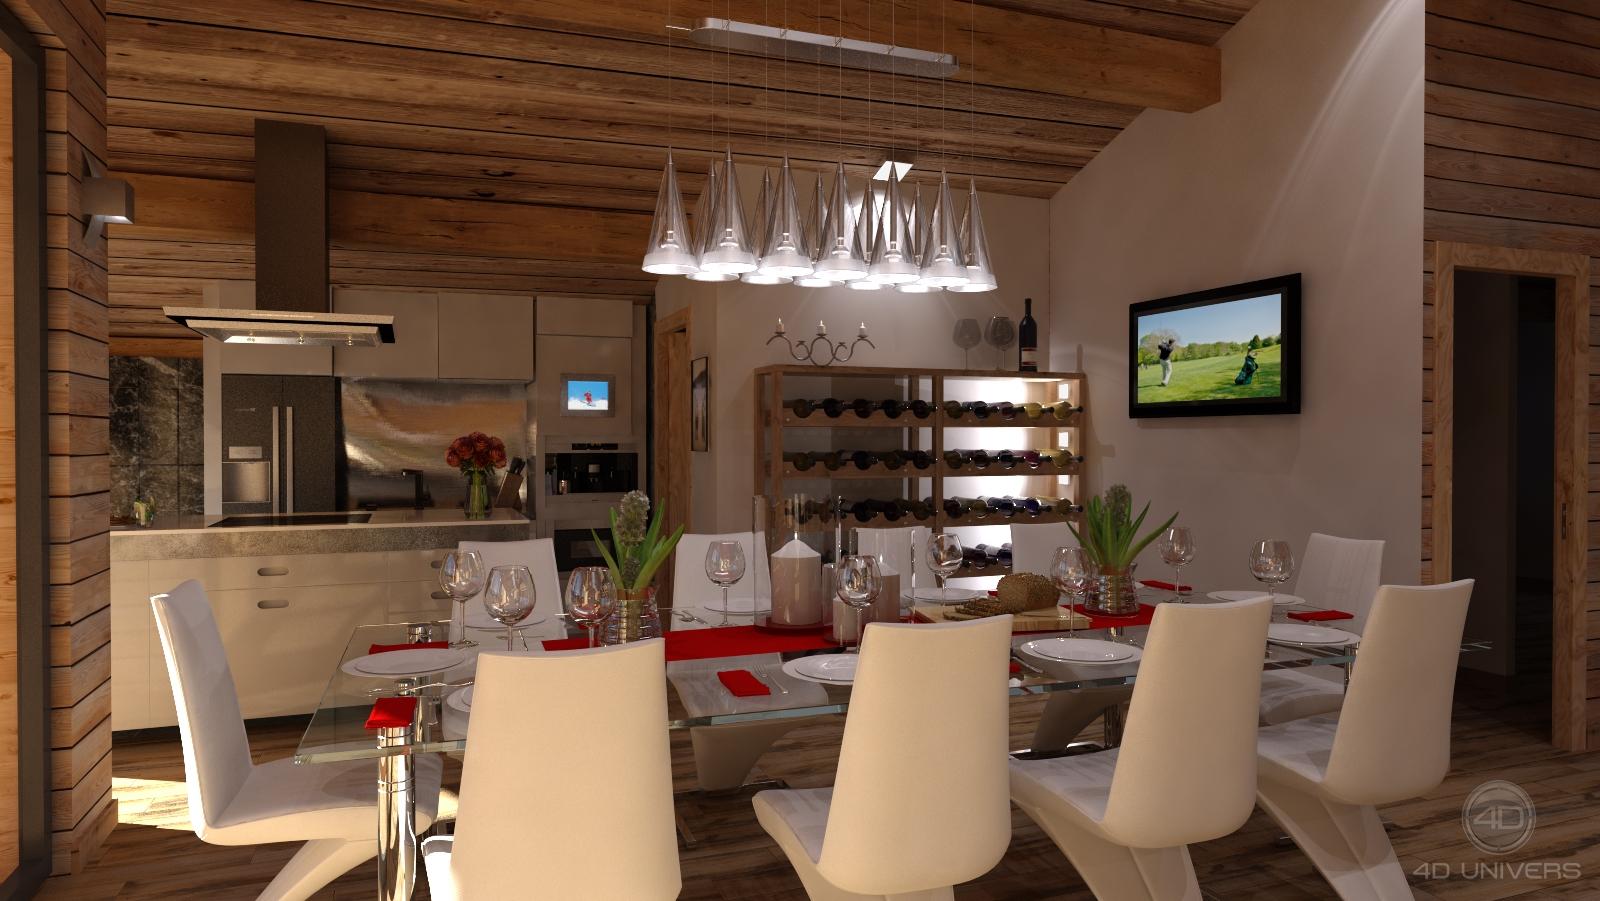 Salon 3d 4d univers studio animation 3d architecture for Simulation 3d salon